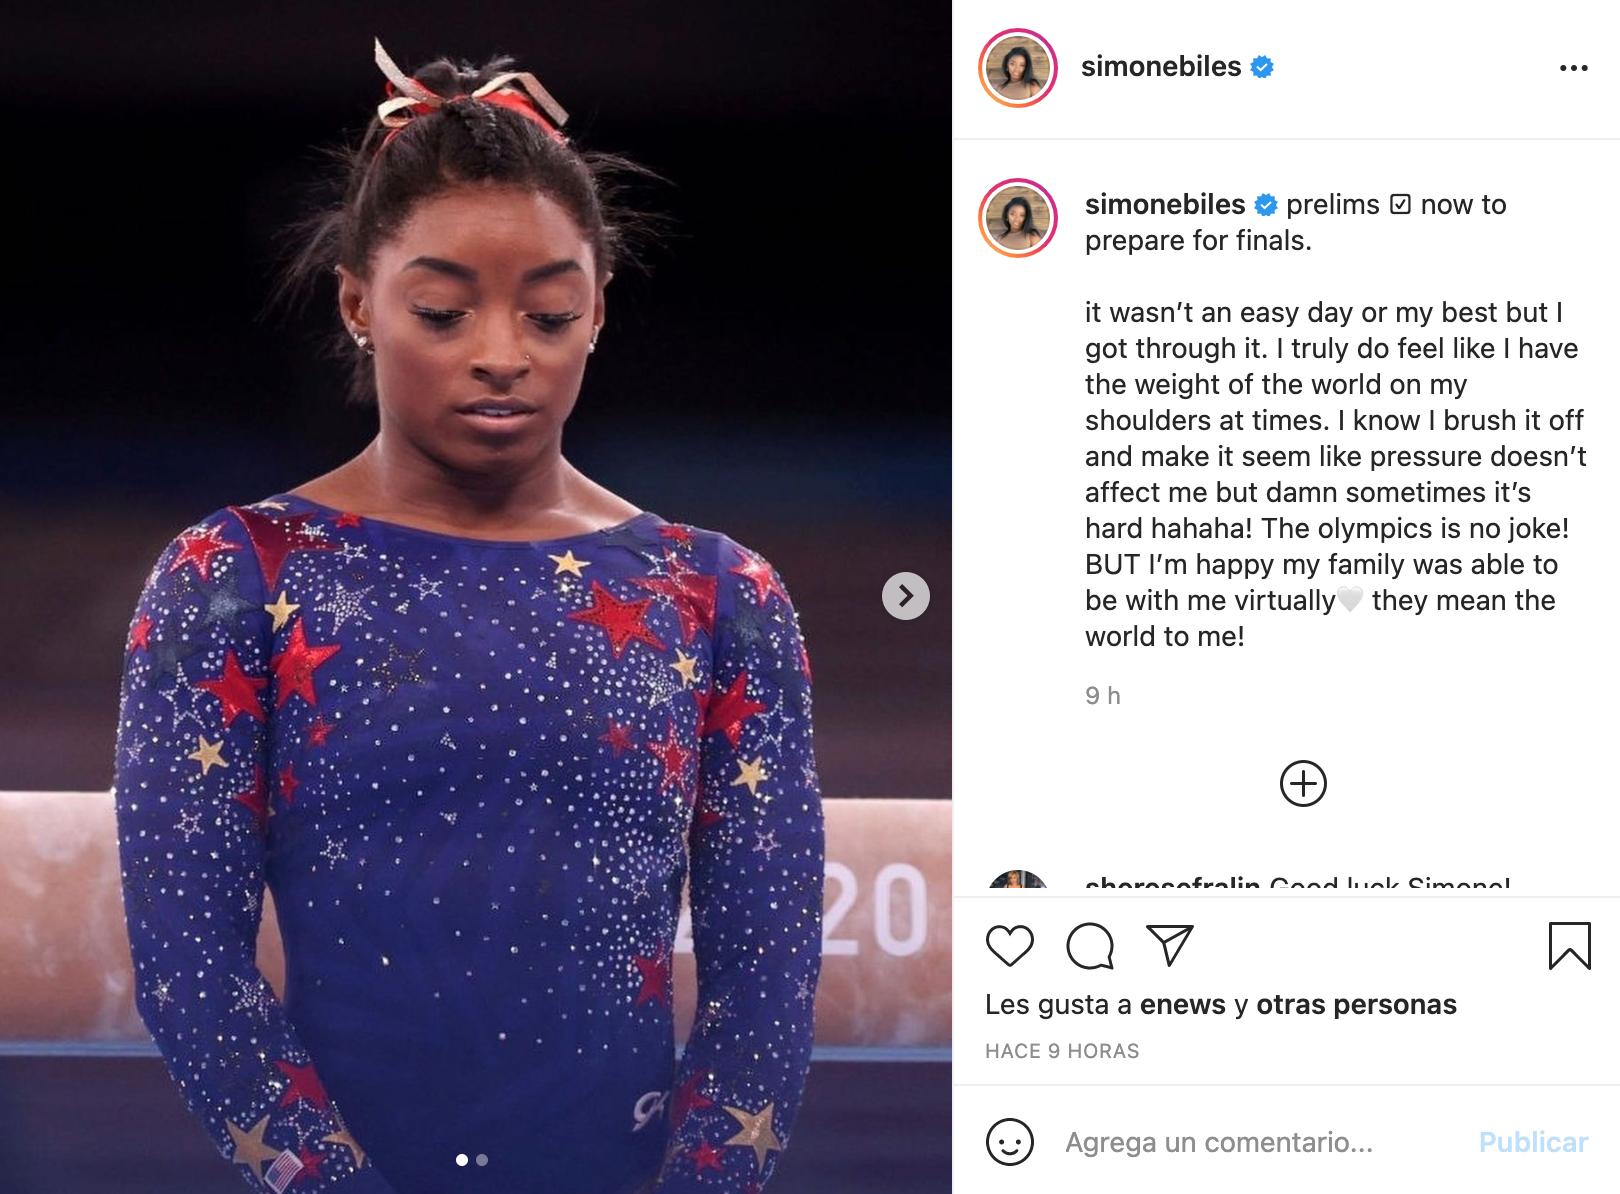 Juegos Olímpicos Tokio 2021: ¿En qué lugar quedó Simone Biles?